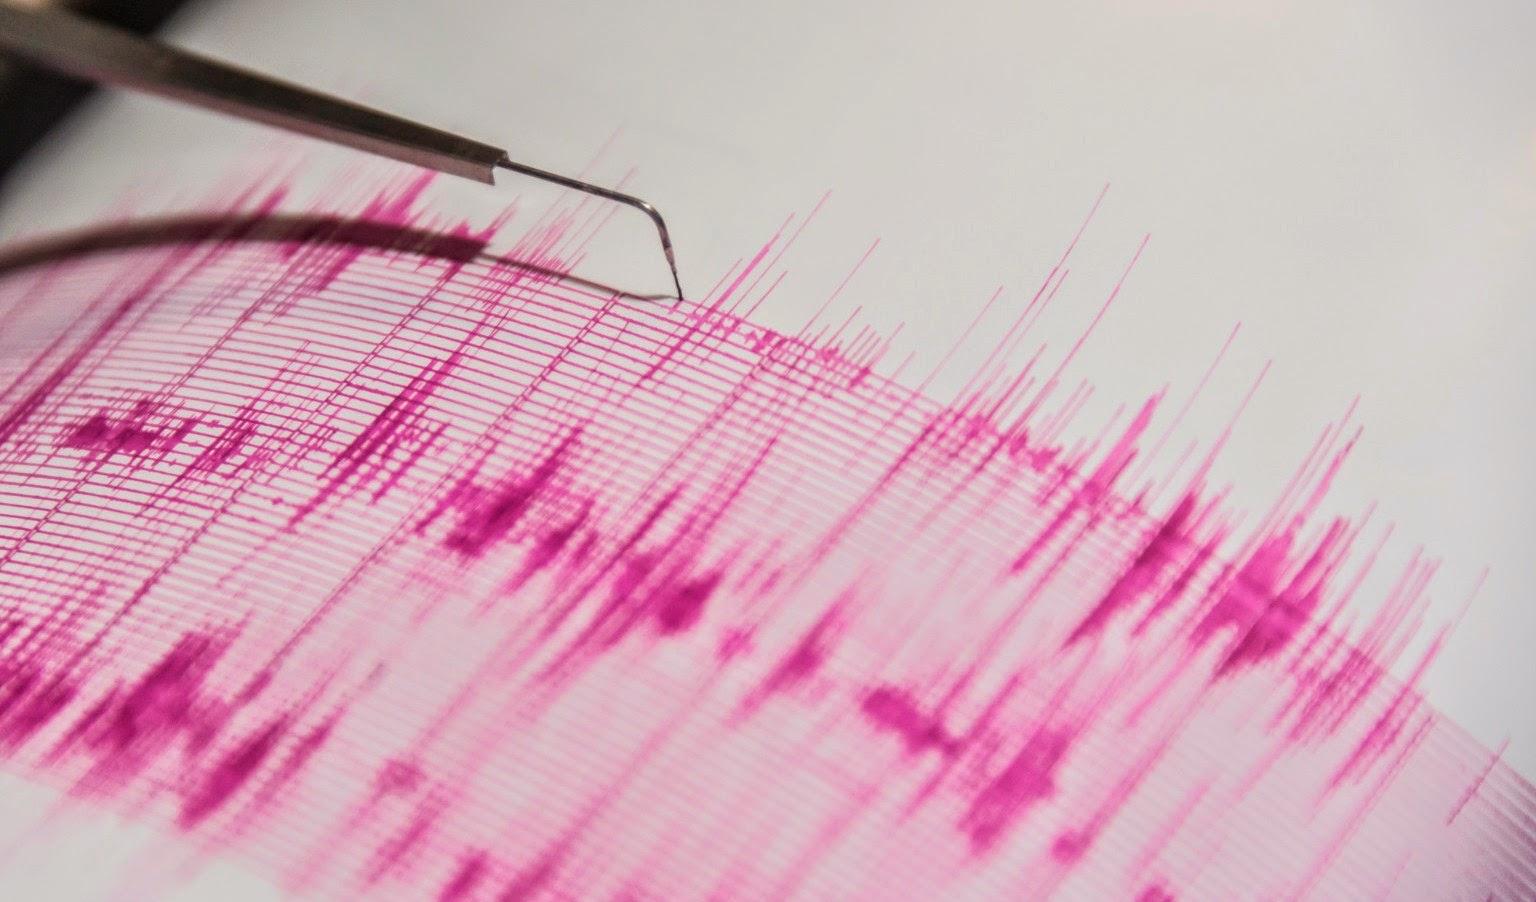 földrengés, Magyarország, természeti katasztrófa, Keszthely,